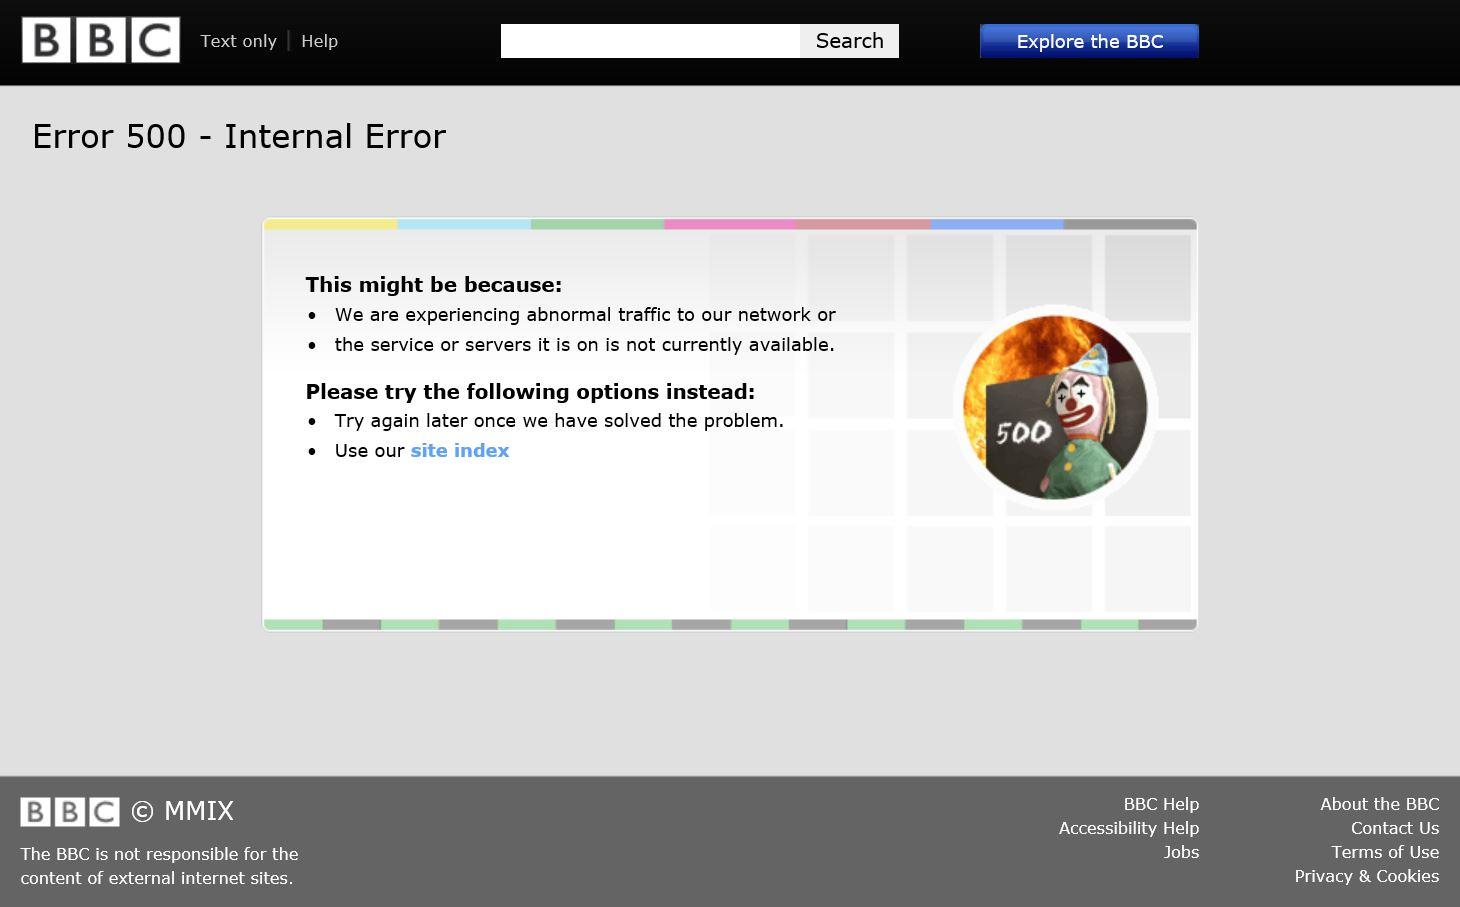 BBC Error 500